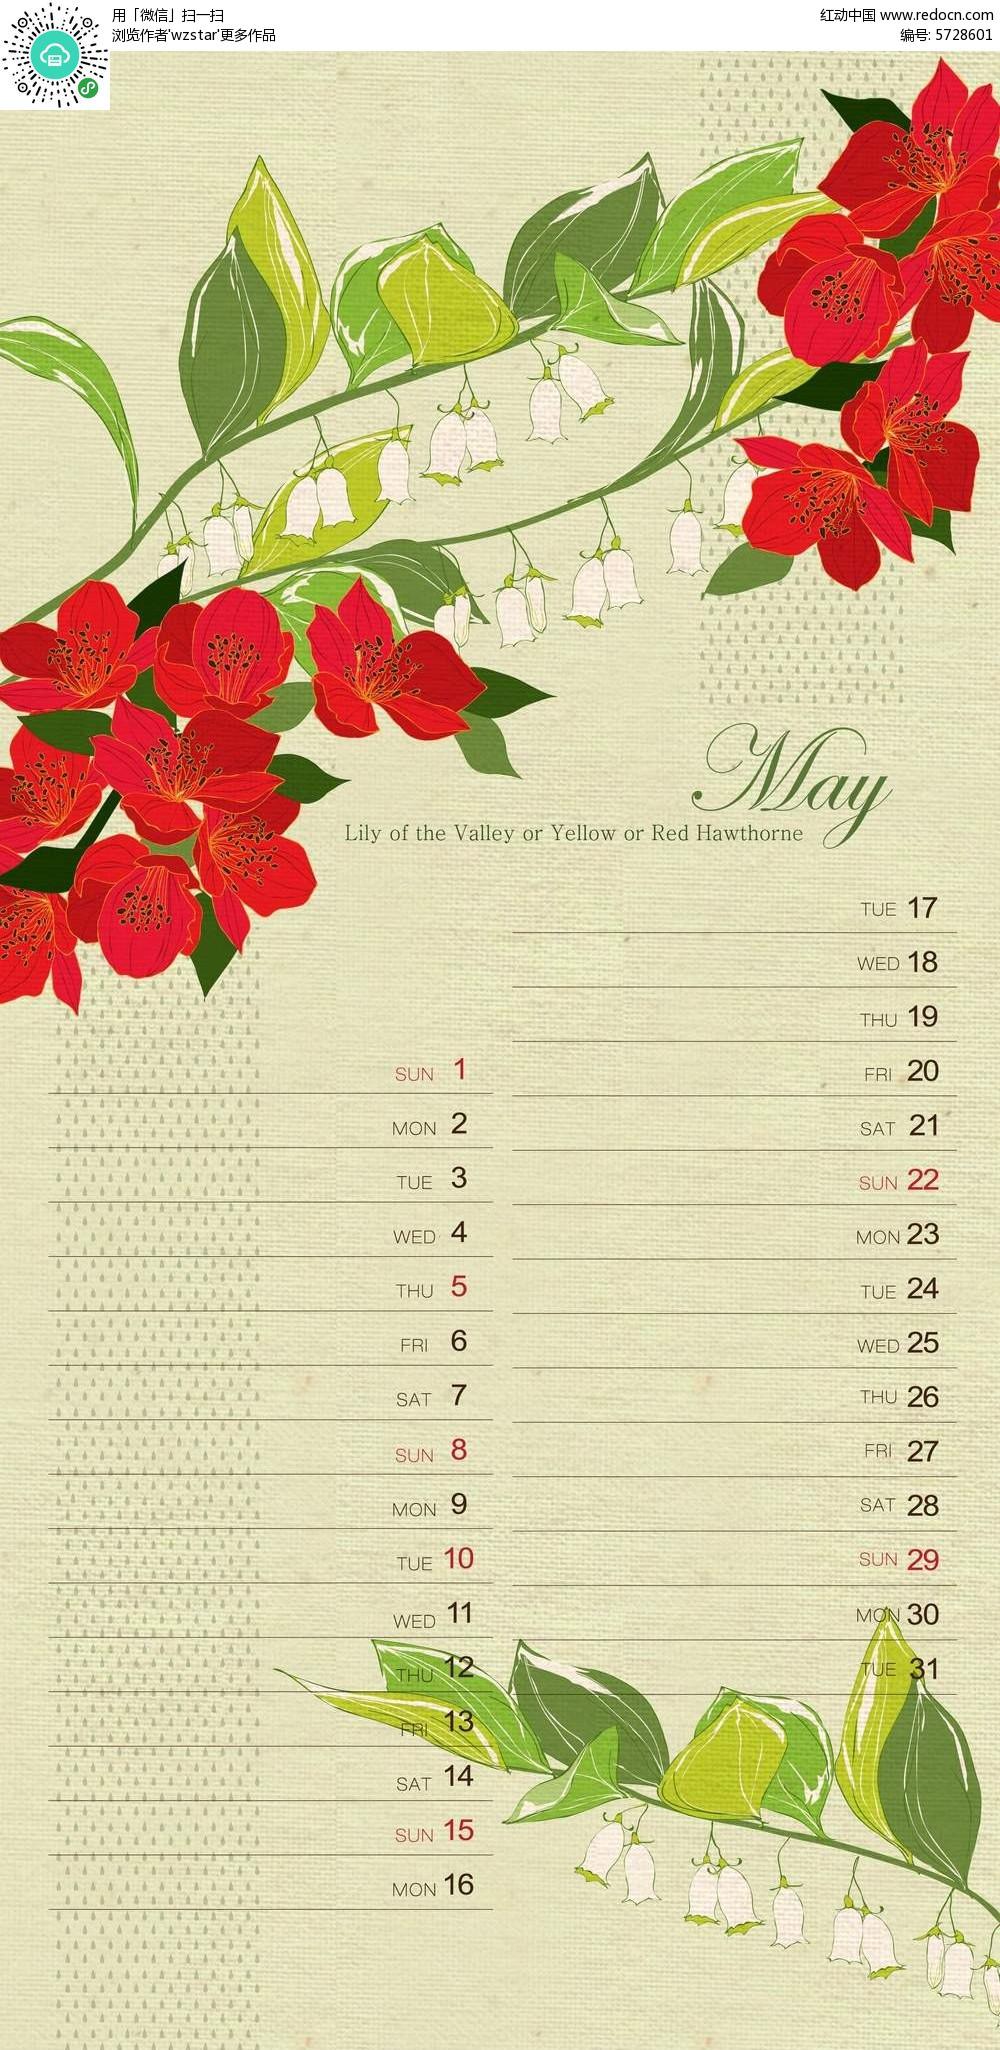 五月日历_红艳花卉背景五月日历素材